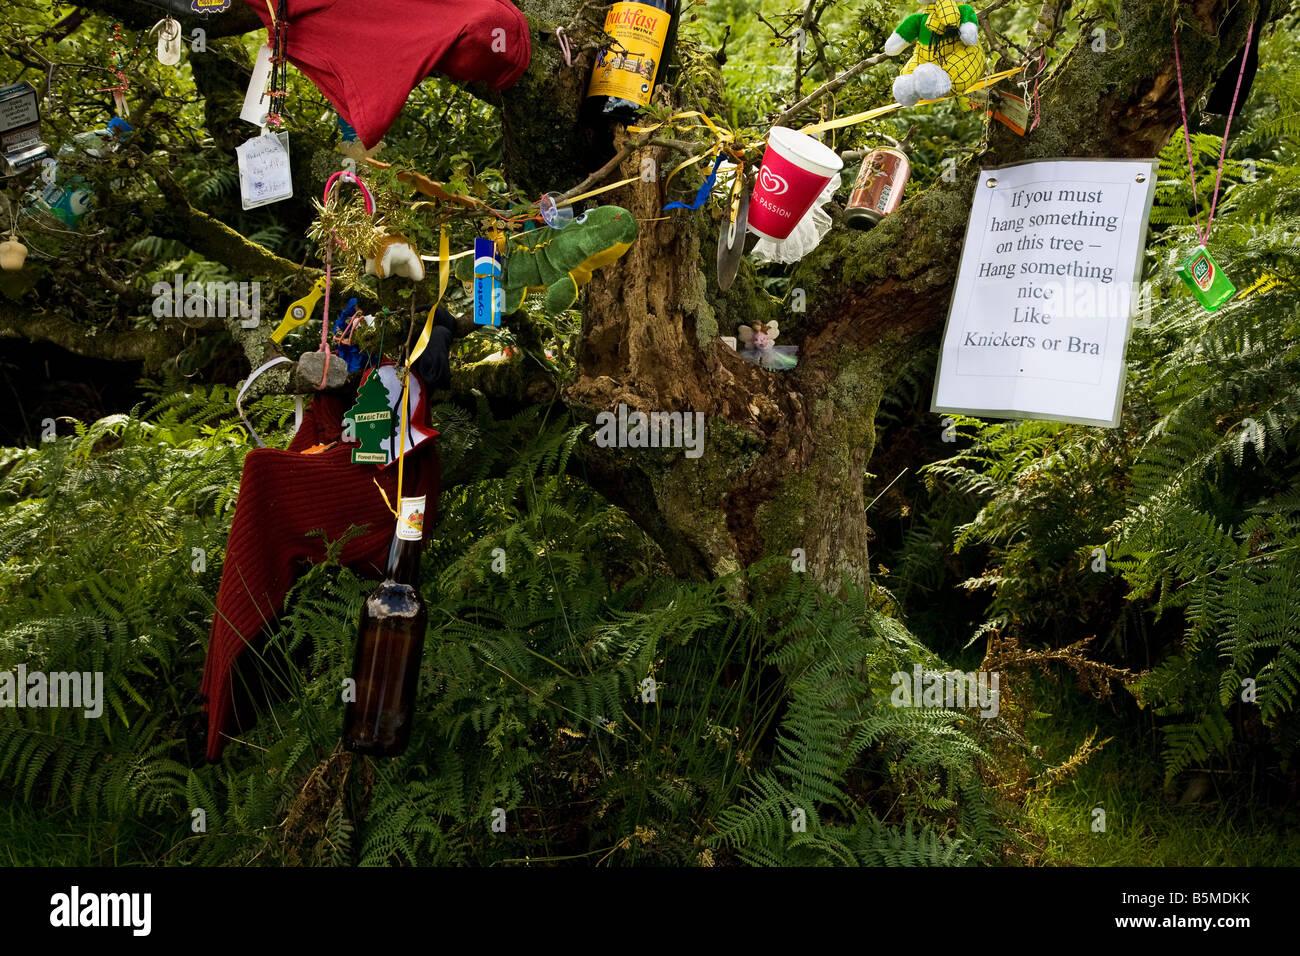 Persönliche Gegenstände auf einer Fairy Tree, später Schnitt unten erstellen Pech für die Täter, Stockbild